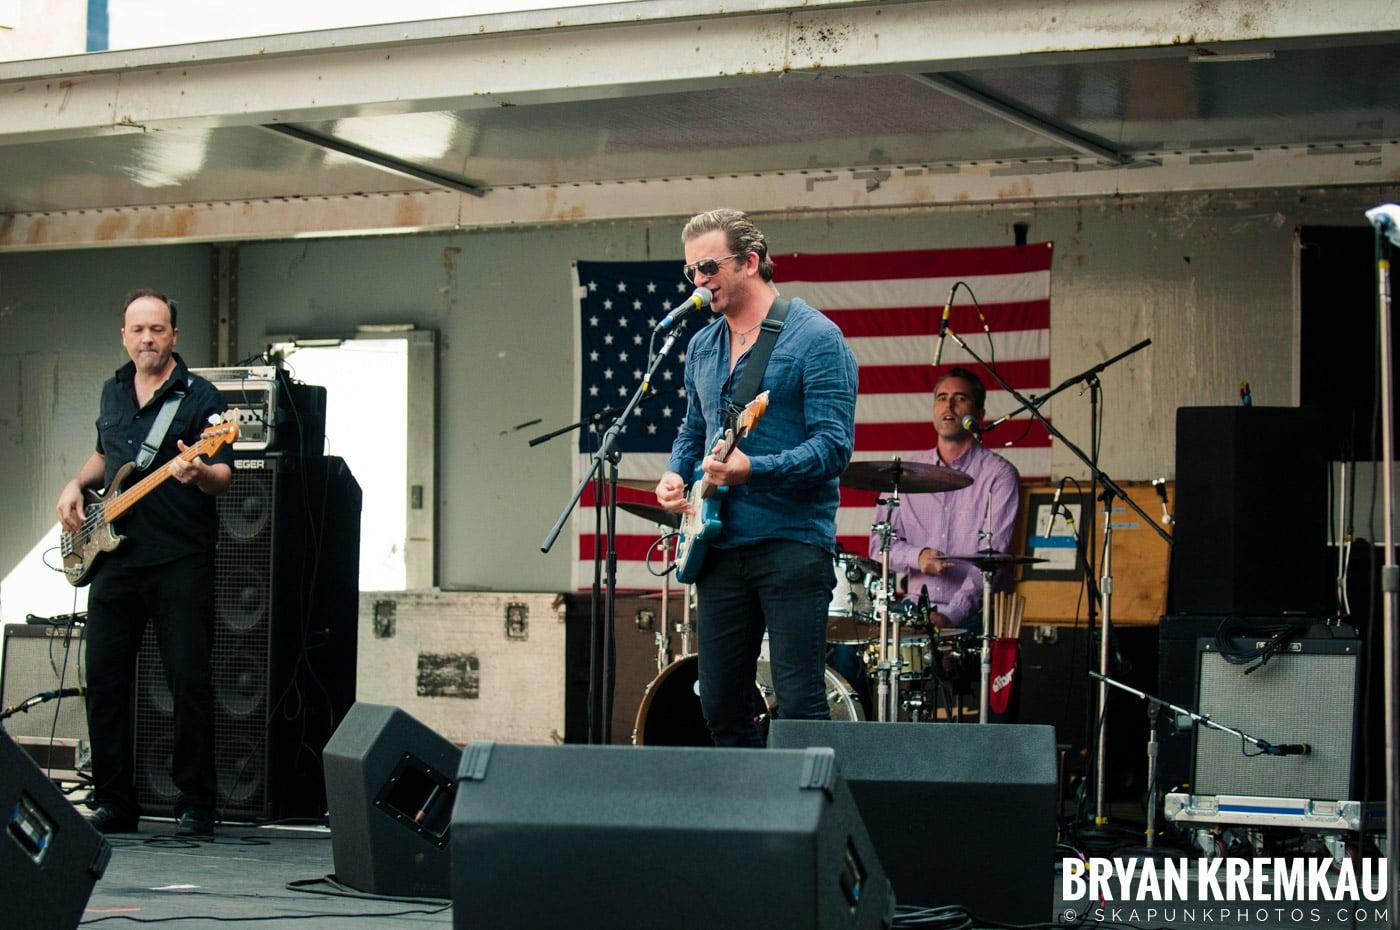 The Push Stars @ Hoboken Arts and Music Festival, Hoboken NJ - 9.30.12 (25)